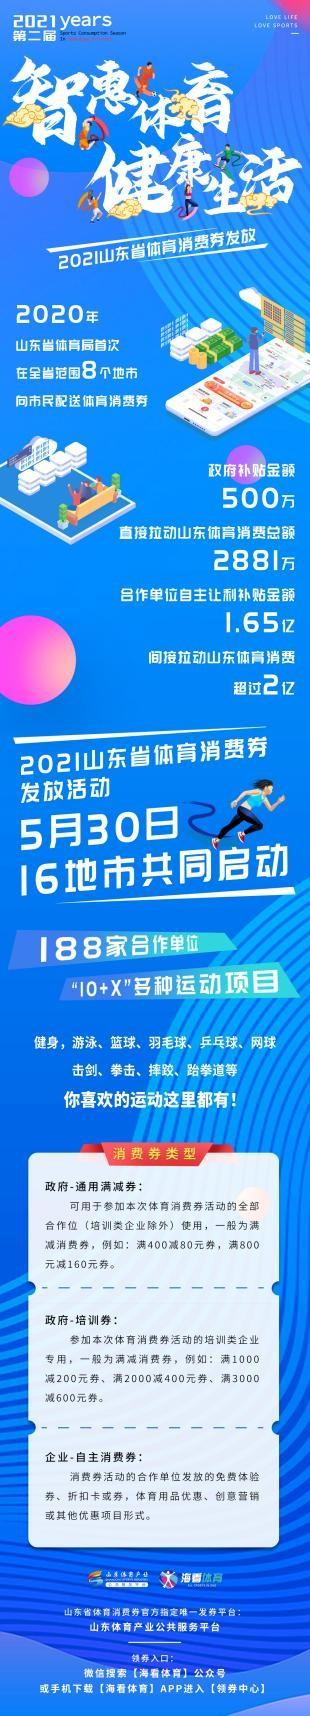 倒计时5天 2021第二届山东省体育消费季即将启动!